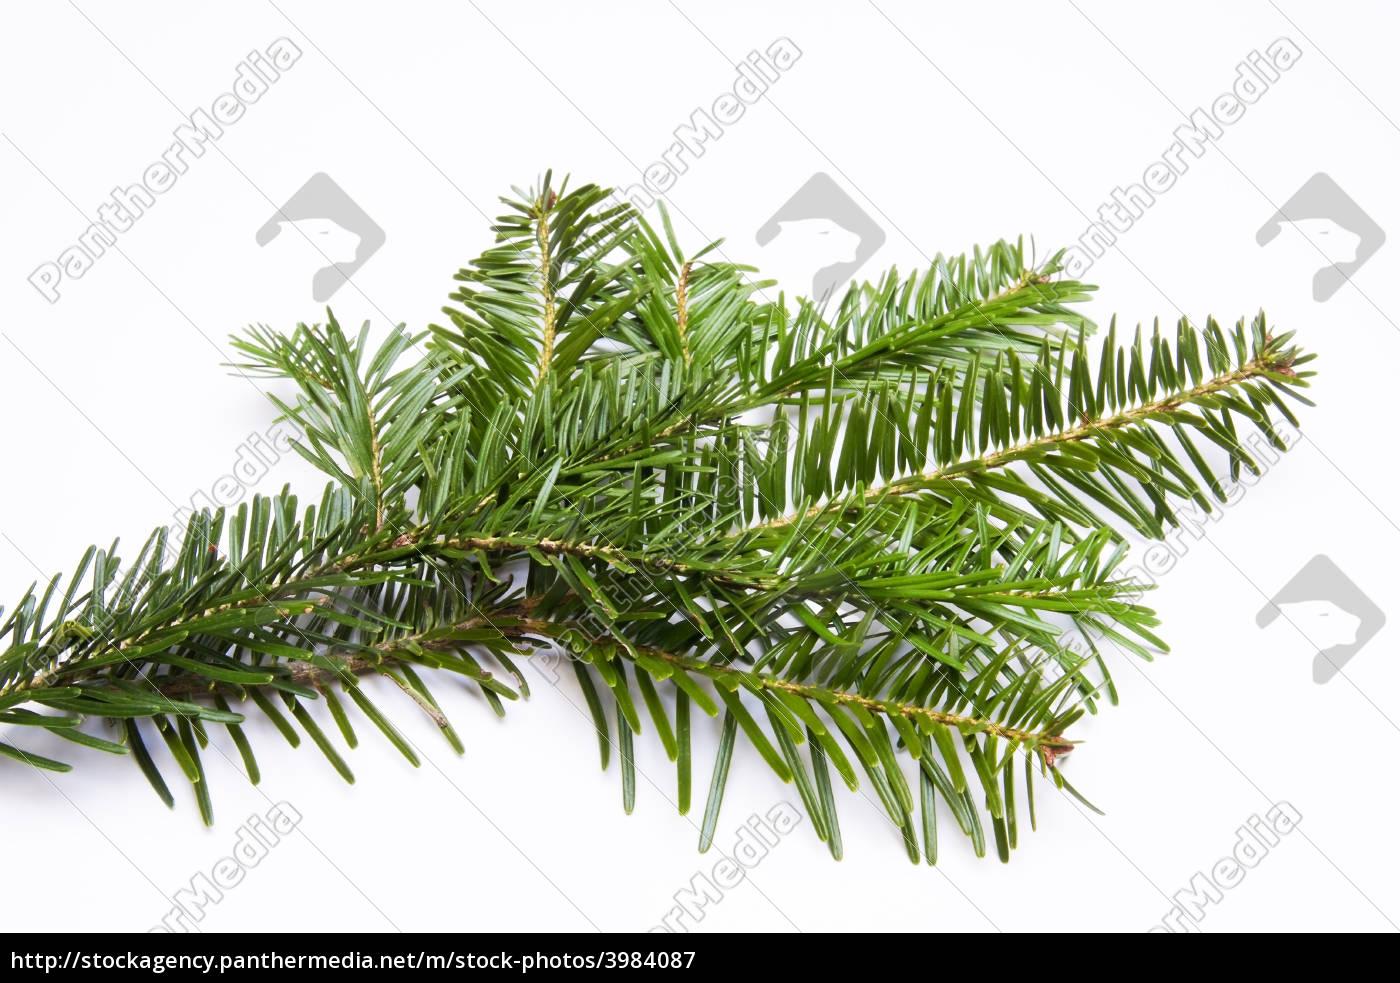 small, fir, branch - 3984087